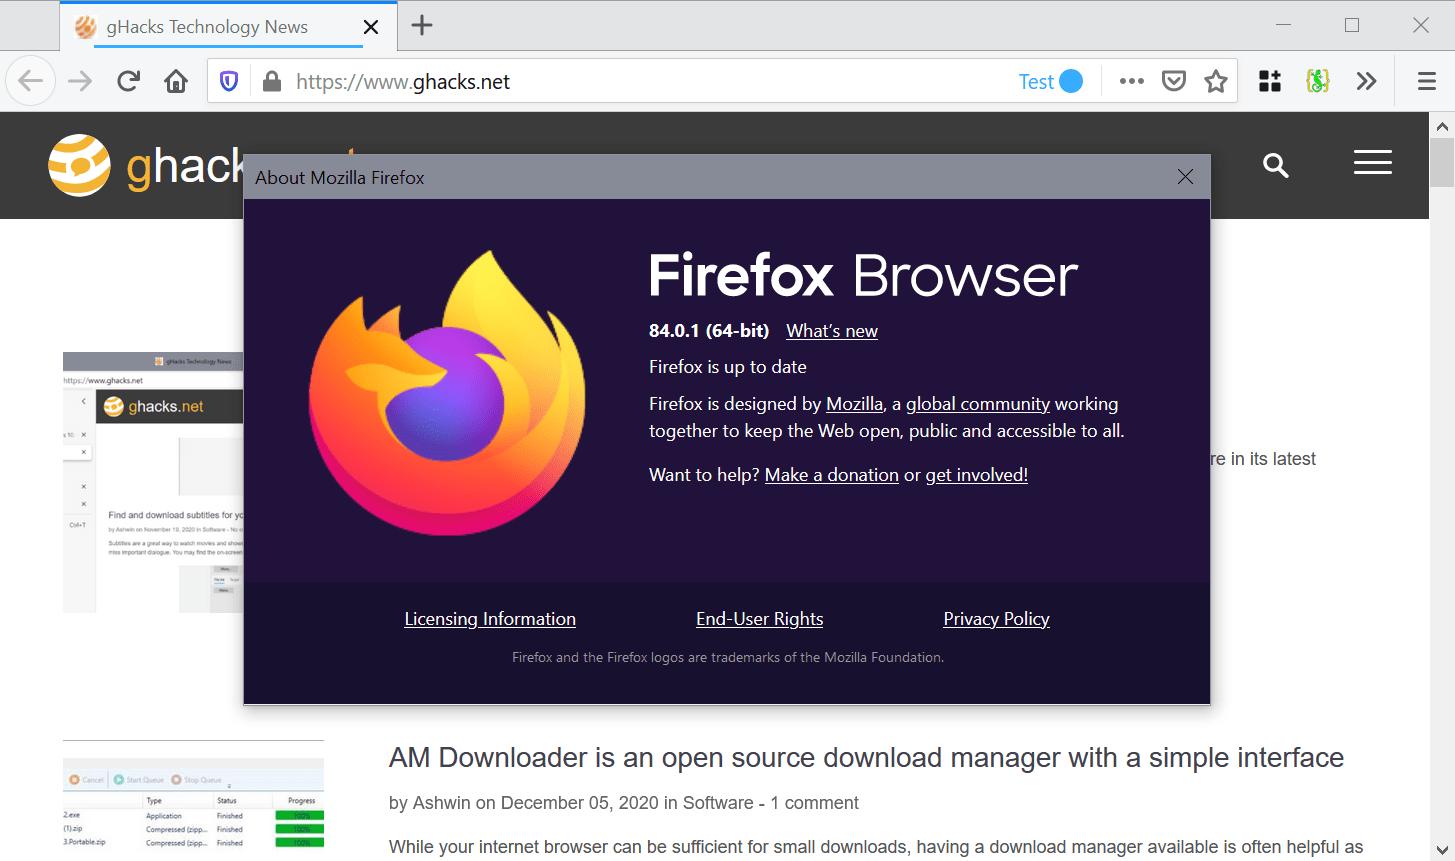 firefox 84.0.1